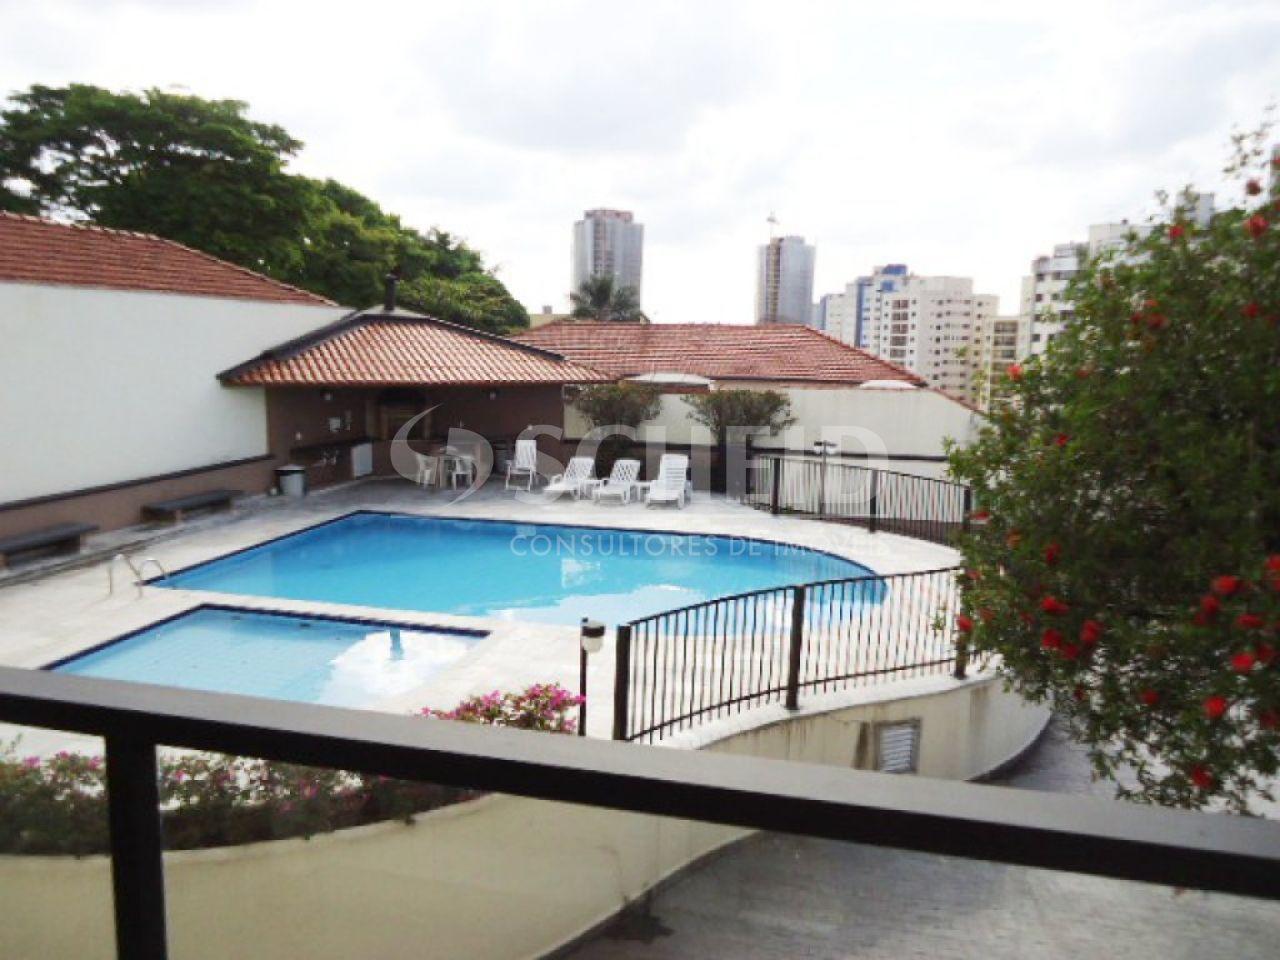 Apartamento de 3 dormitórios à venda em Vila Santa Catarina, São Paulo - SP